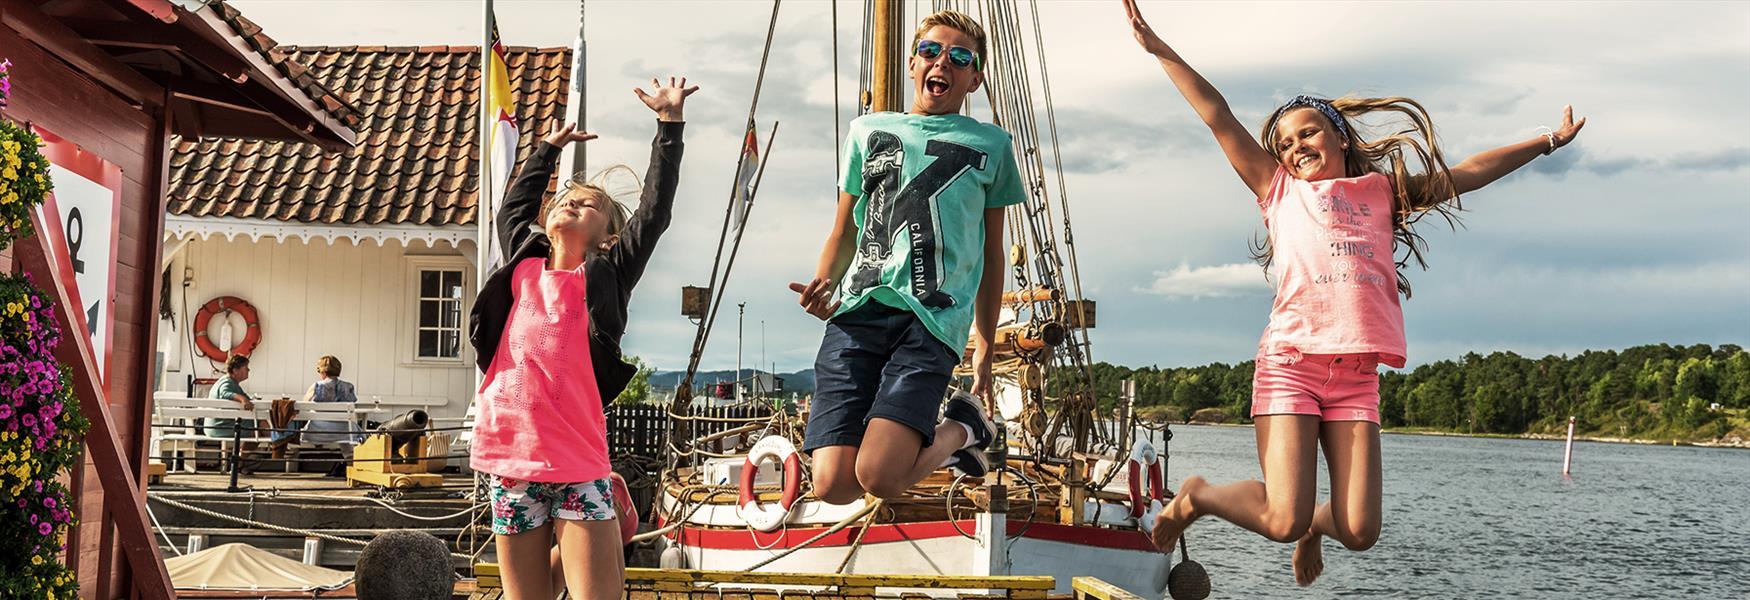 Children at Langesund pier